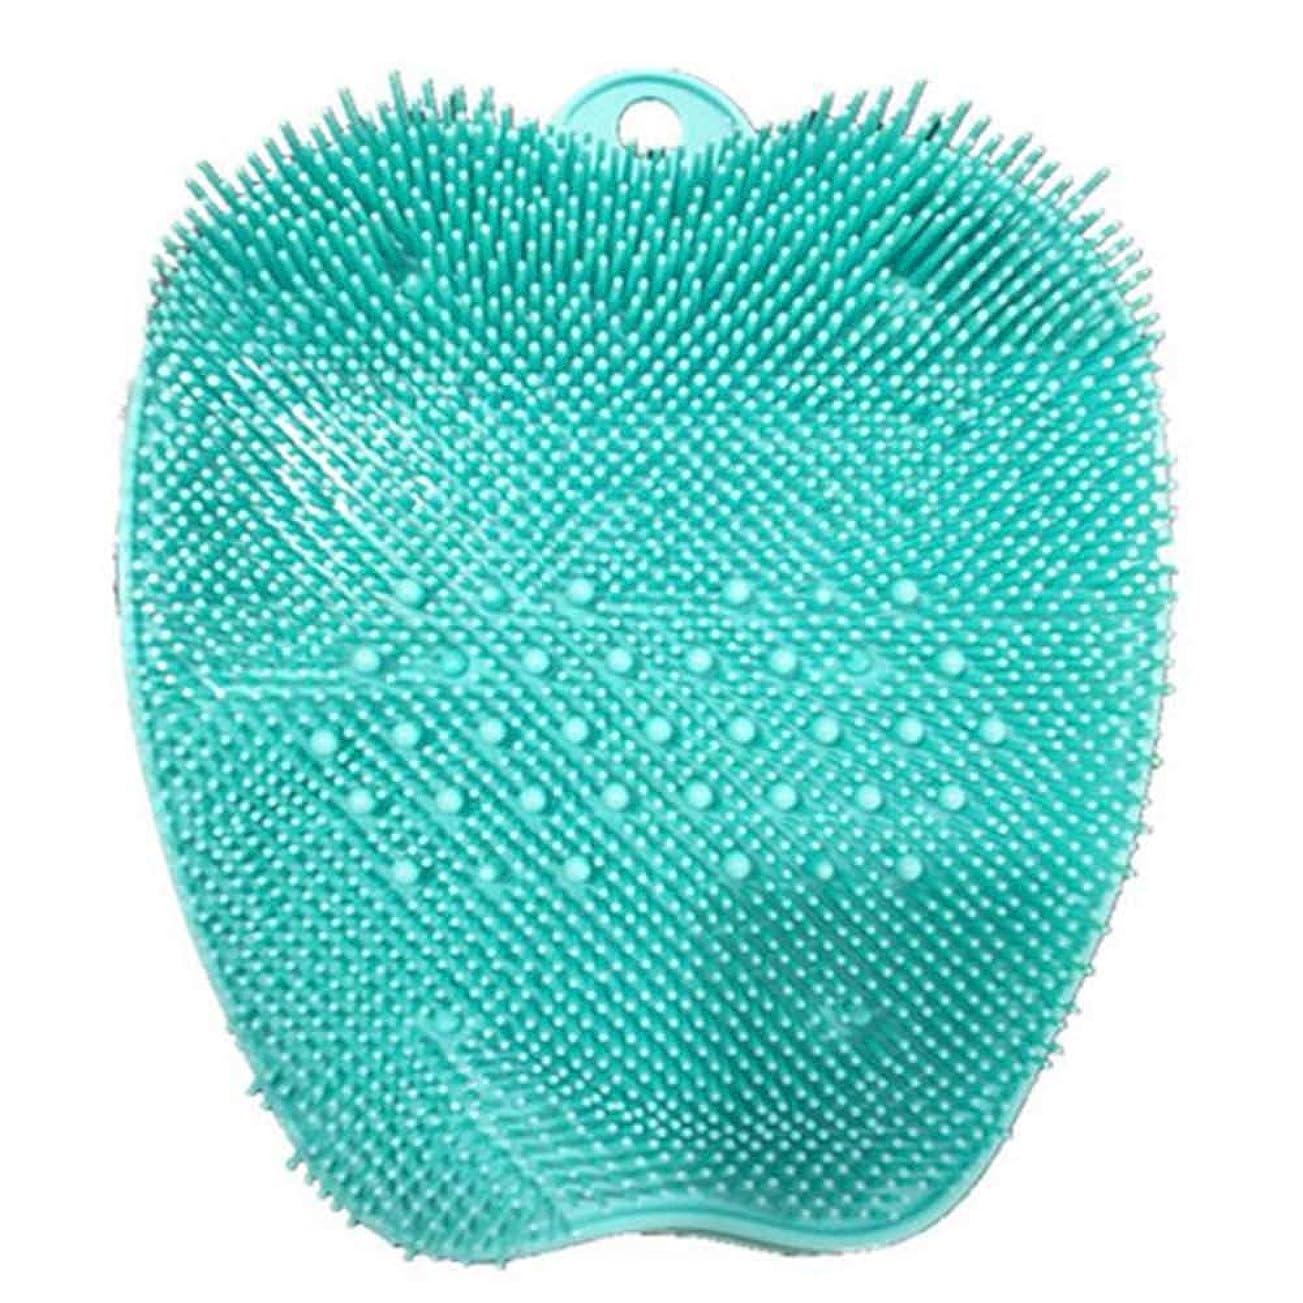 周辺息苦しい空白フットブラシ マッサージ 足裏爽快 お風呂 足指洗い 足臭い 角質 フットケア